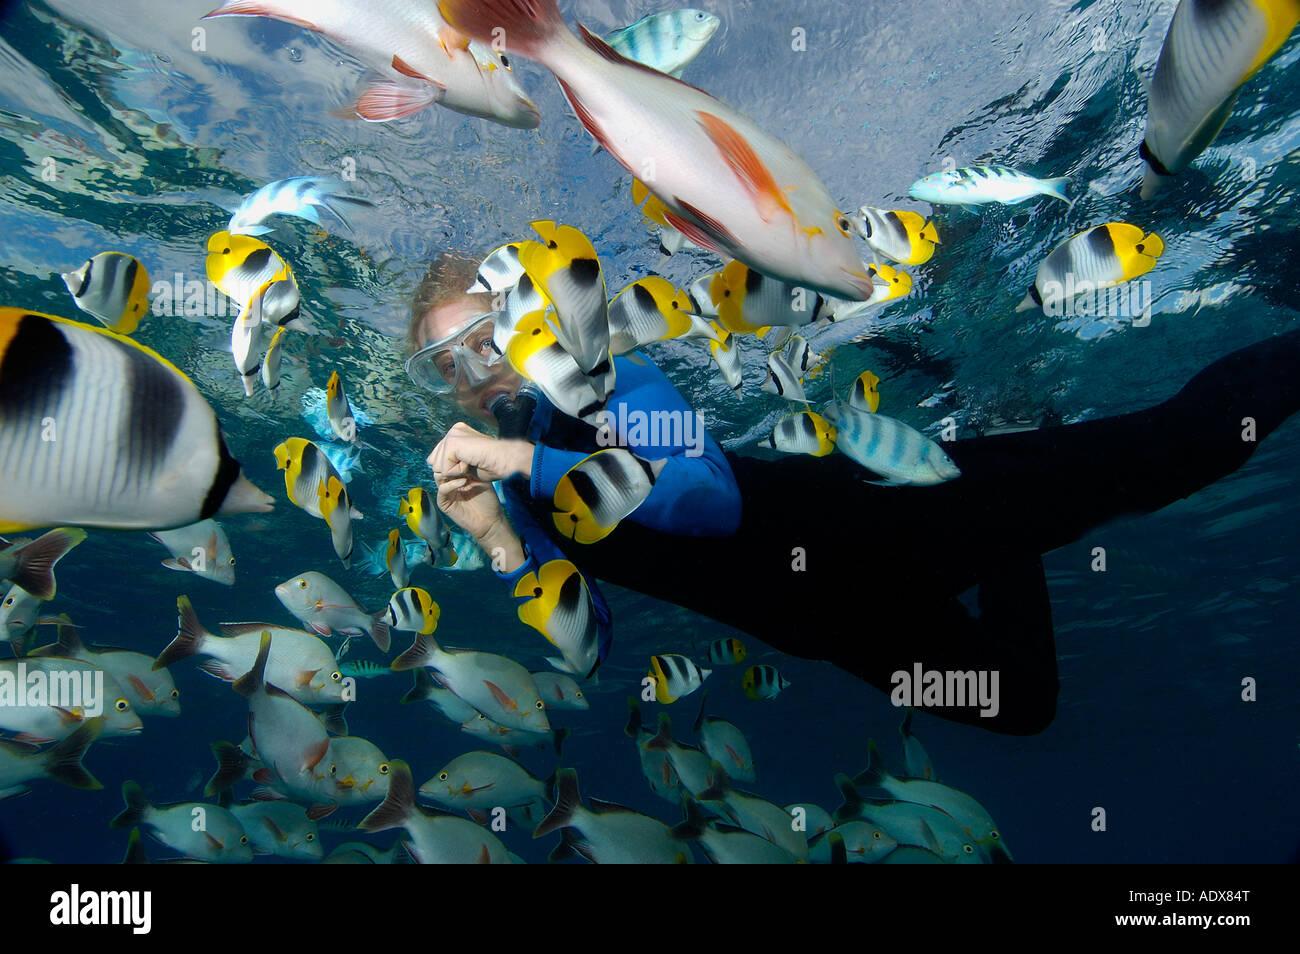 Snorkeling with Fishes Rangiroa Tuamotu Islands French Polynesia - Stock Image